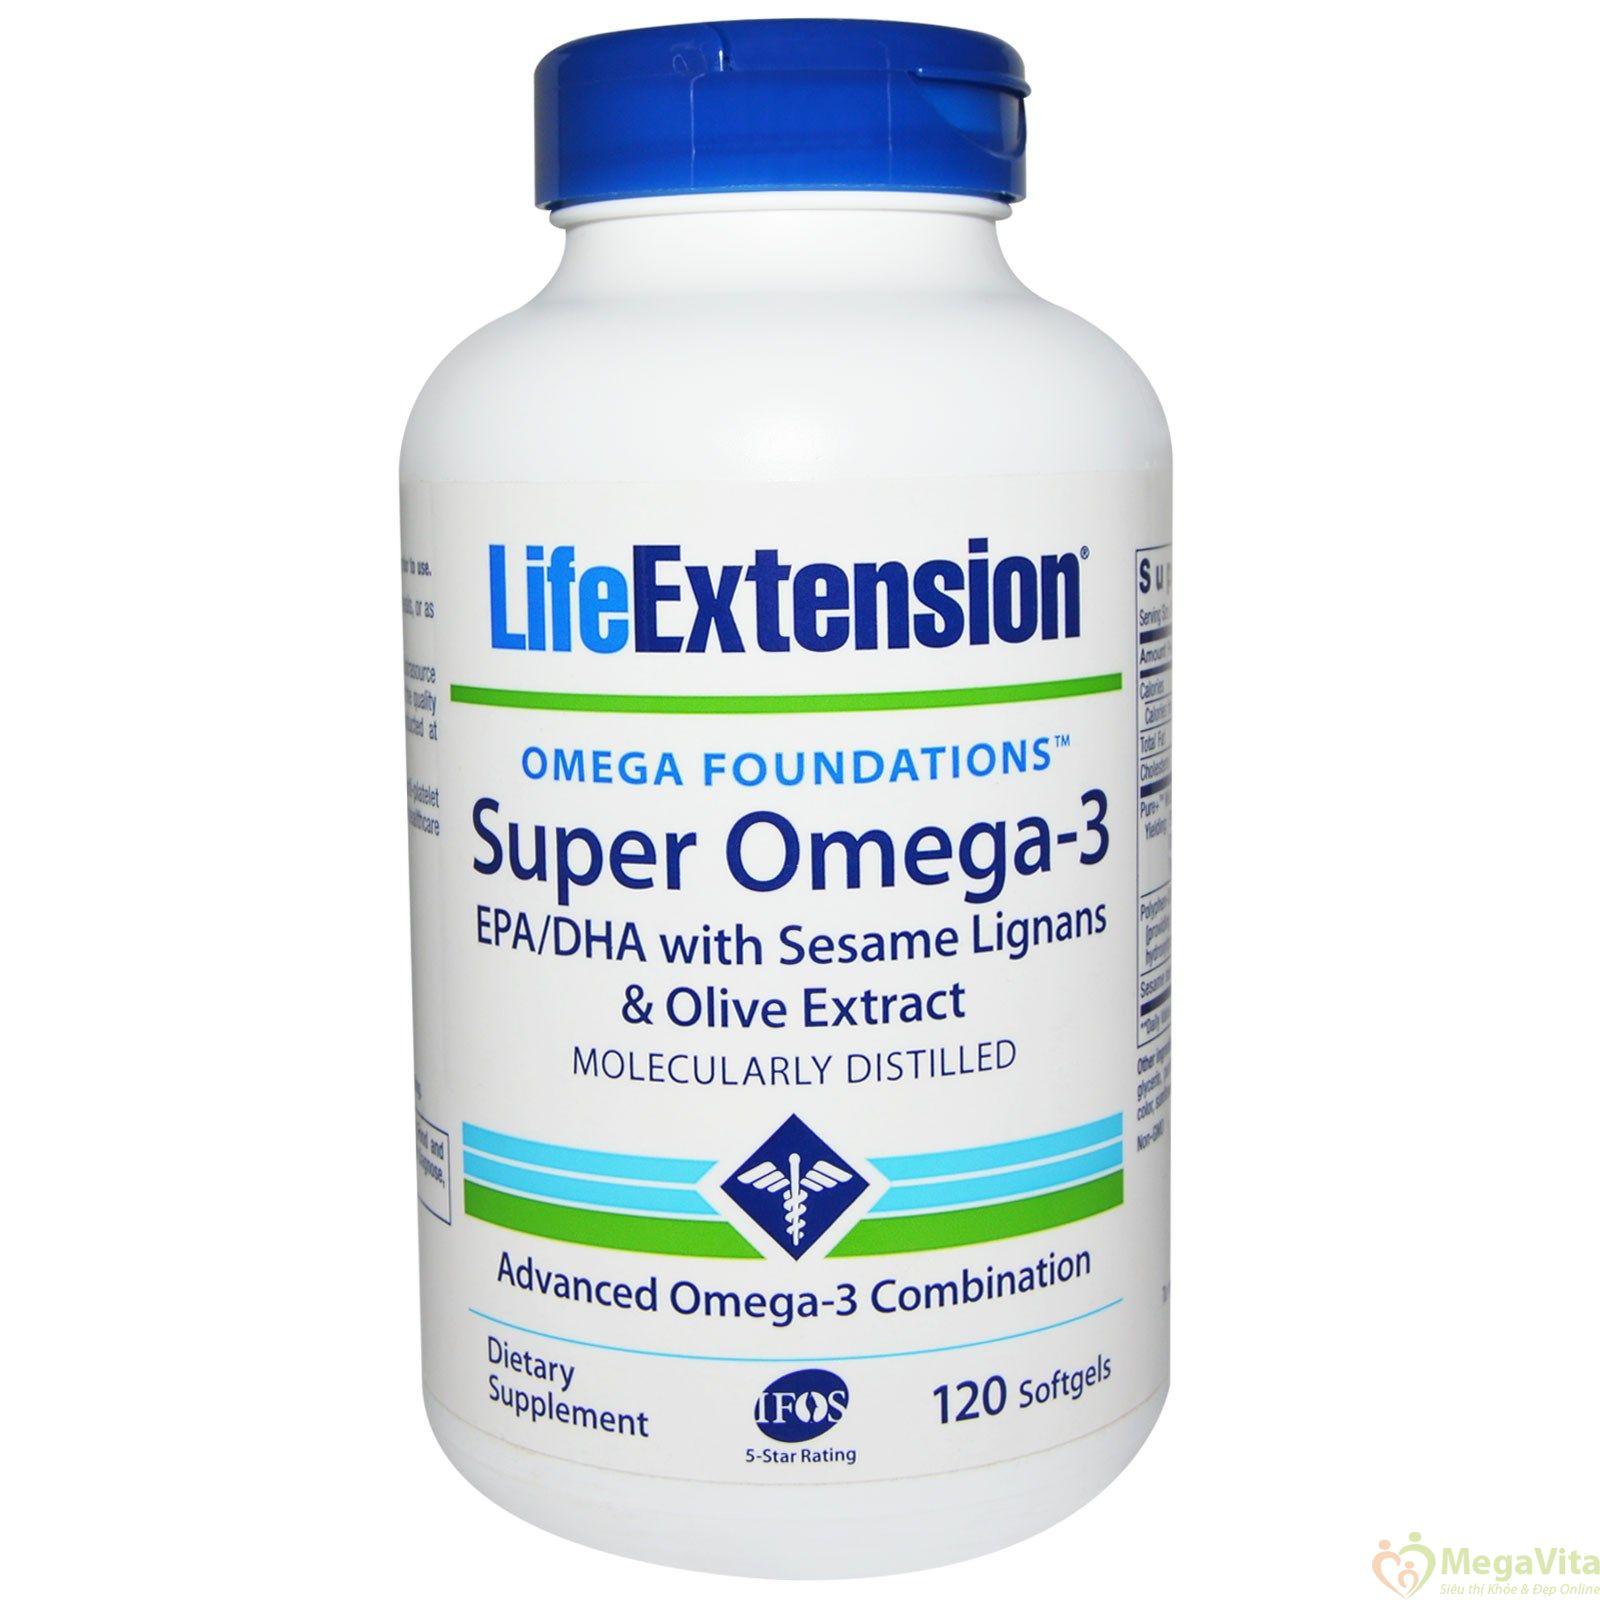 Viên uống bổ sung omega 3 tốt cho tim mạch, trí não và thị giác life extension super omega 3 hộp 120 viên